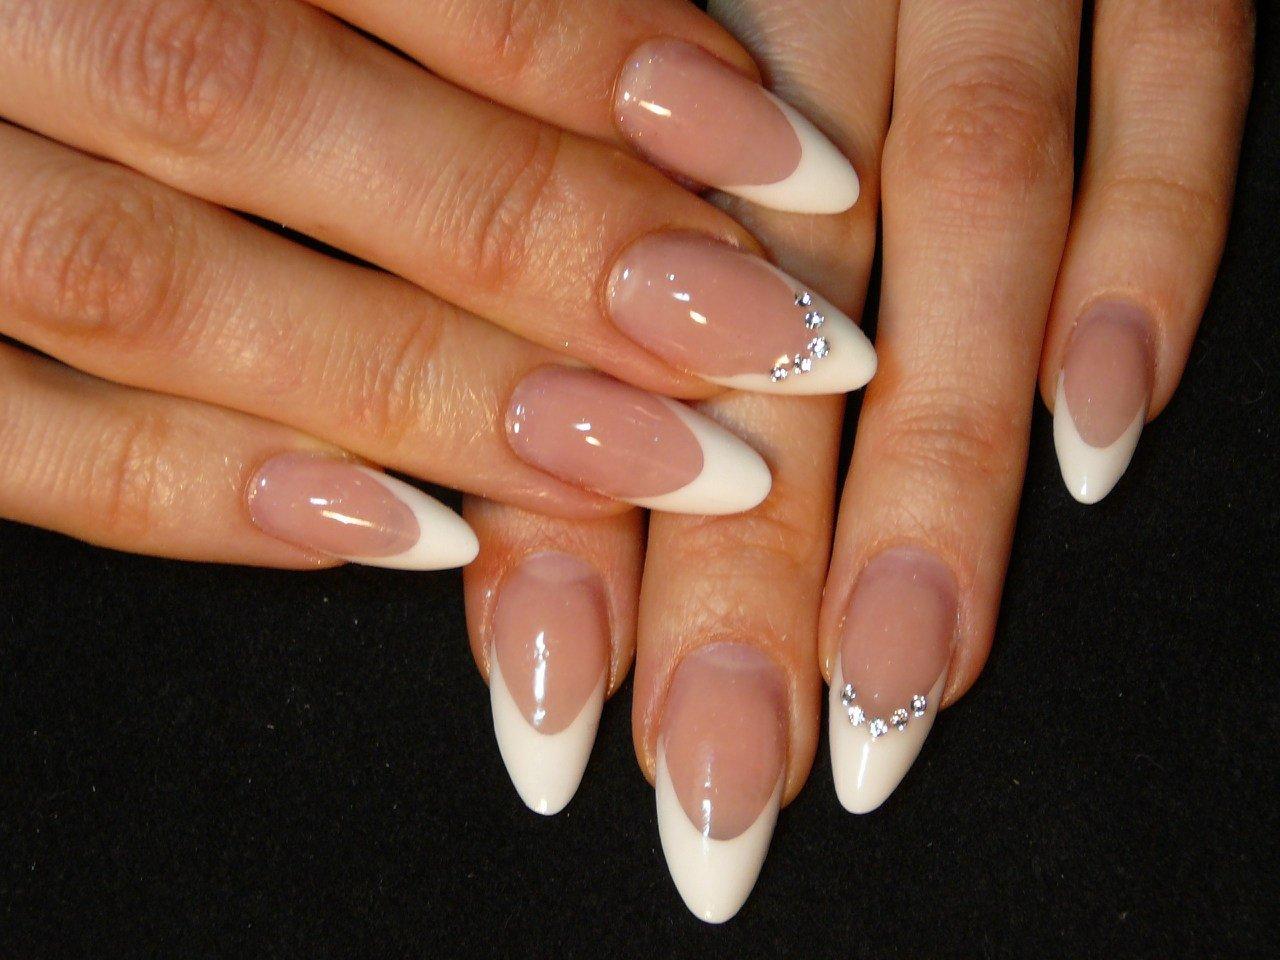 картинки нарощенных ногтей овальной формы фото утра